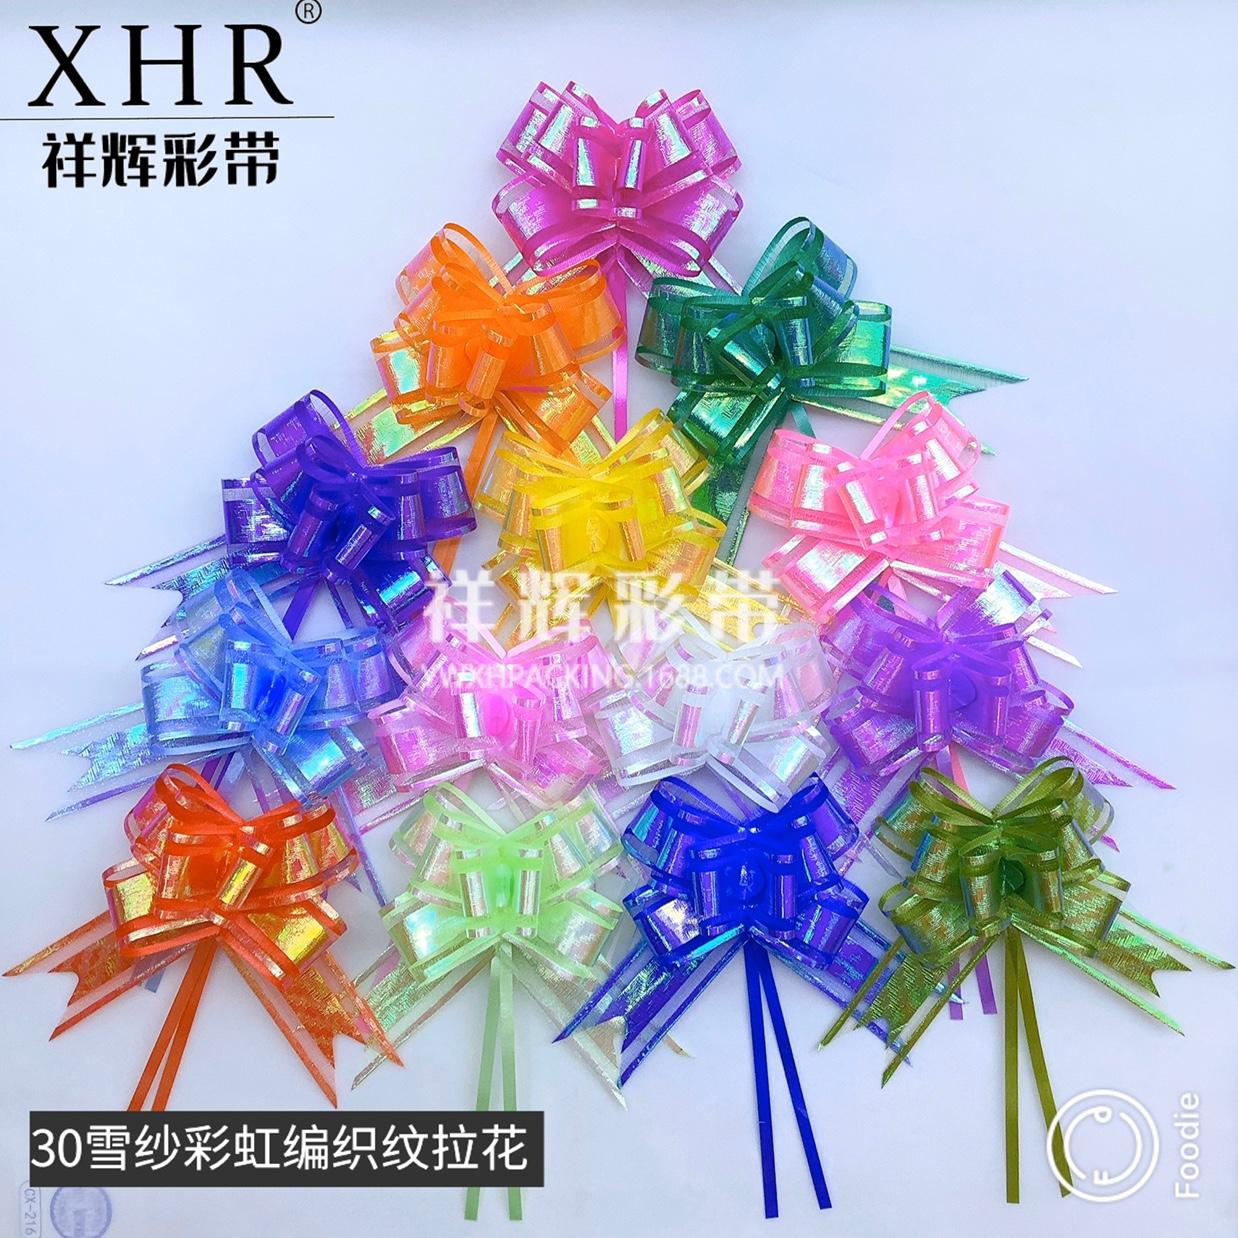 30雪纱拉花彩虹编织纹款 婚车婚庆礼品包装圣诞节日生日装饰